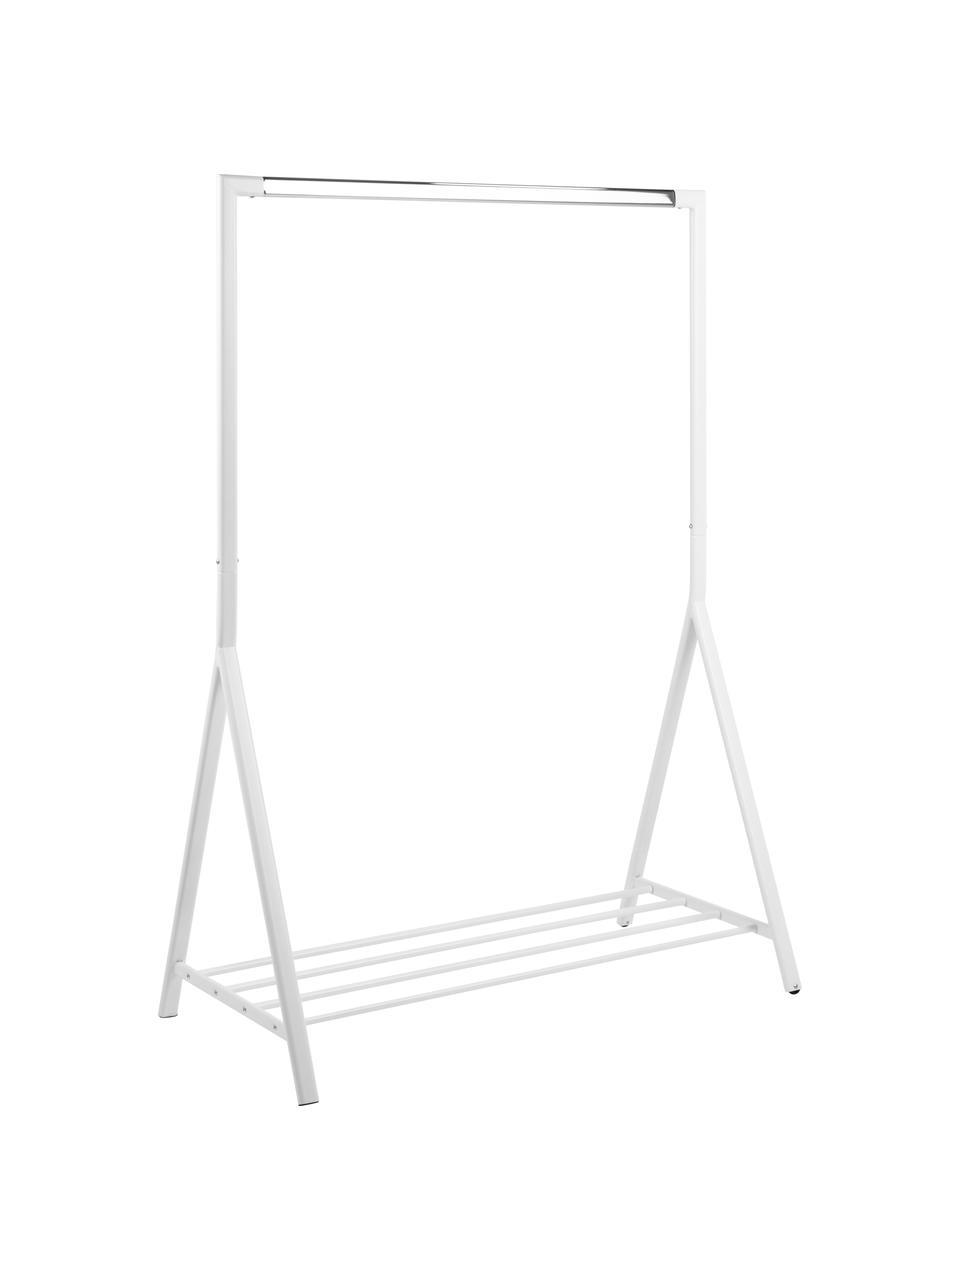 Weiße Kleiderstange Brent mit Ablagefläche, Metall, pulverbeschichtet, Weiß, B 117 x T 59 cm